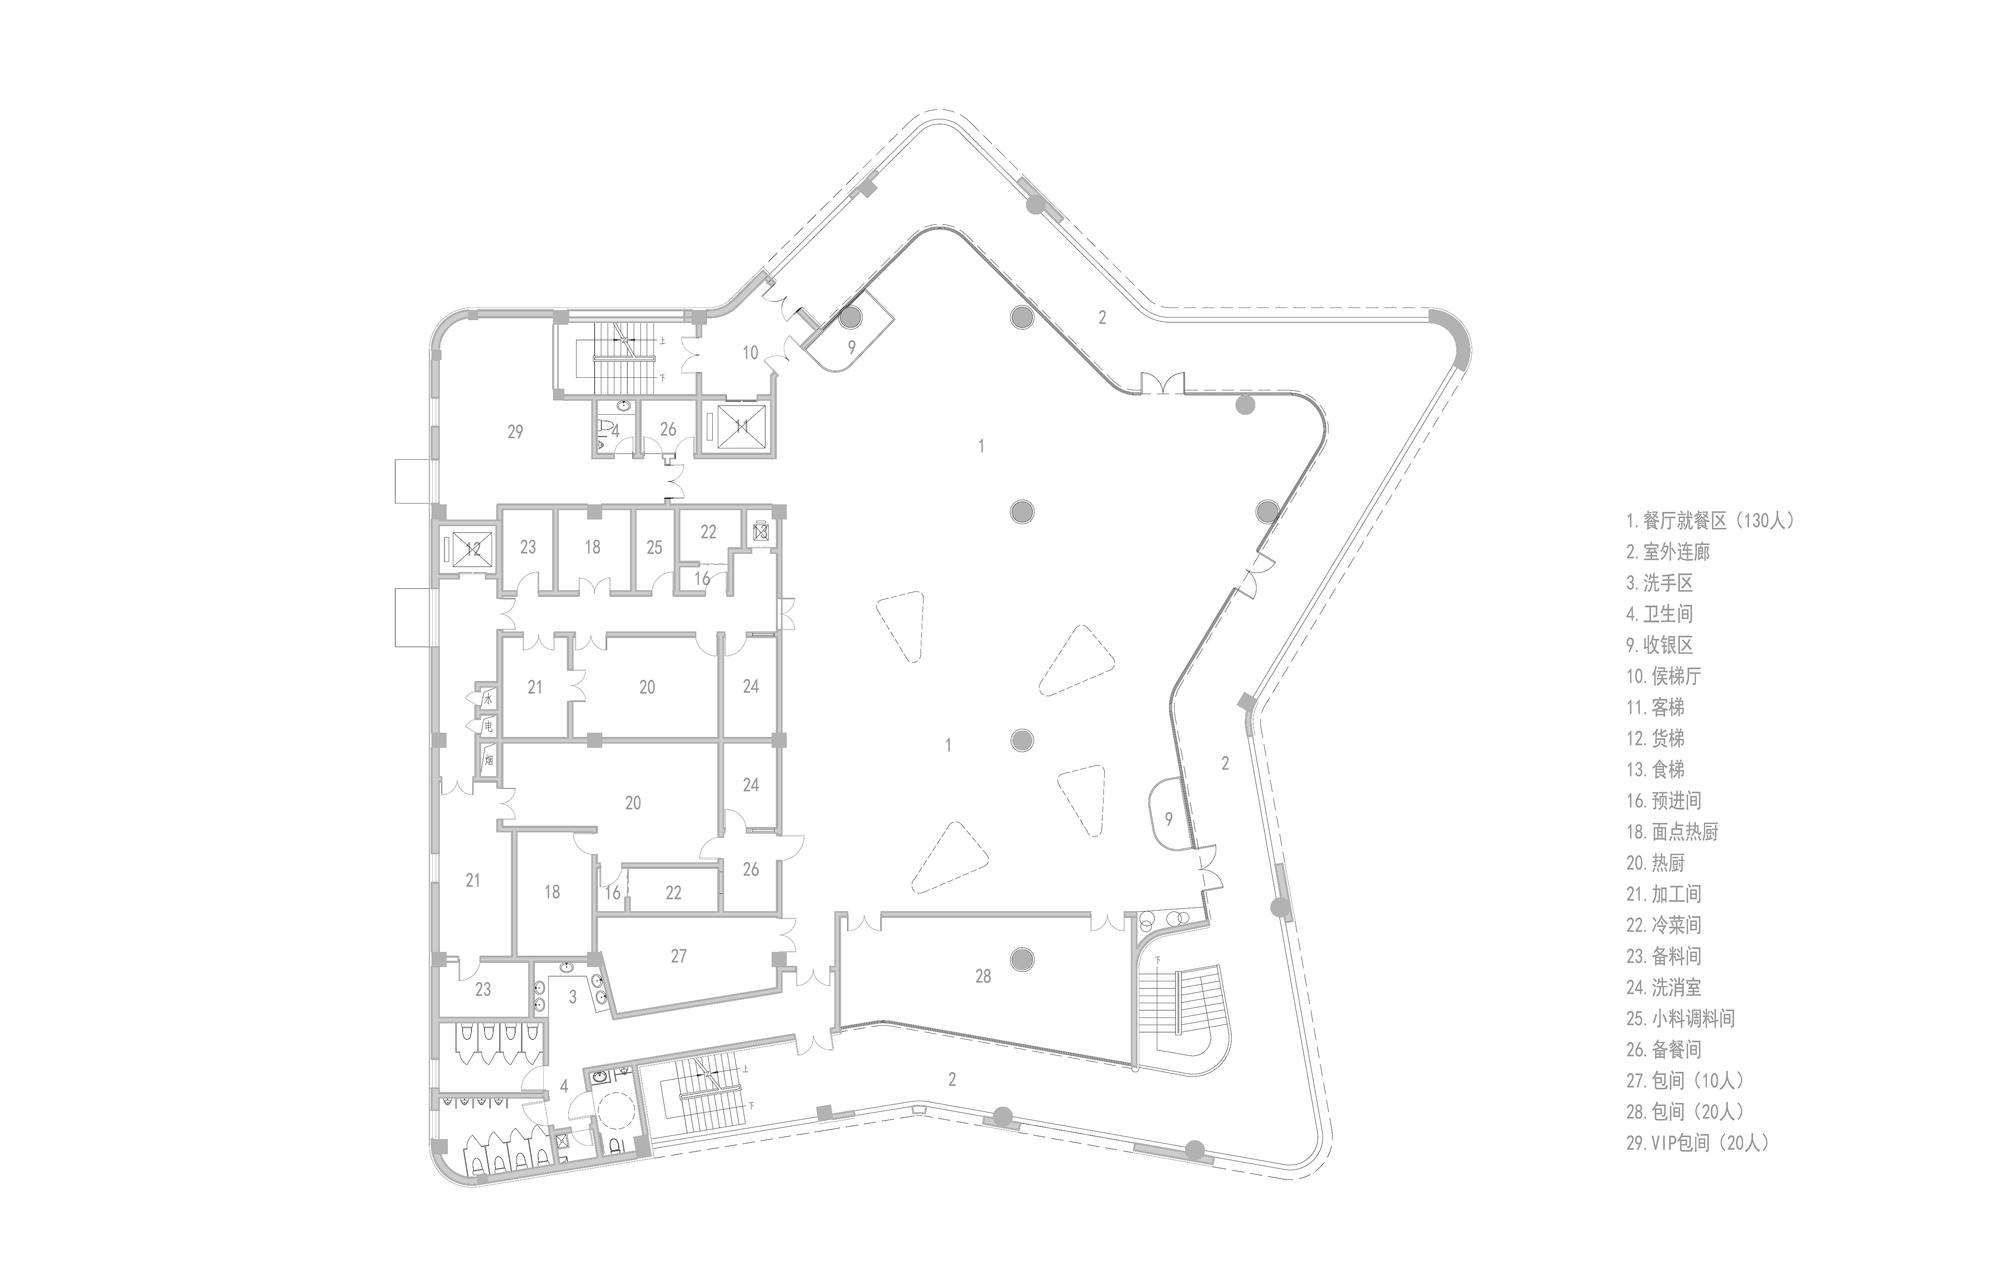 远洋蔚蓝海岸第三食堂—北北美食中心建筑设计/上海彬占